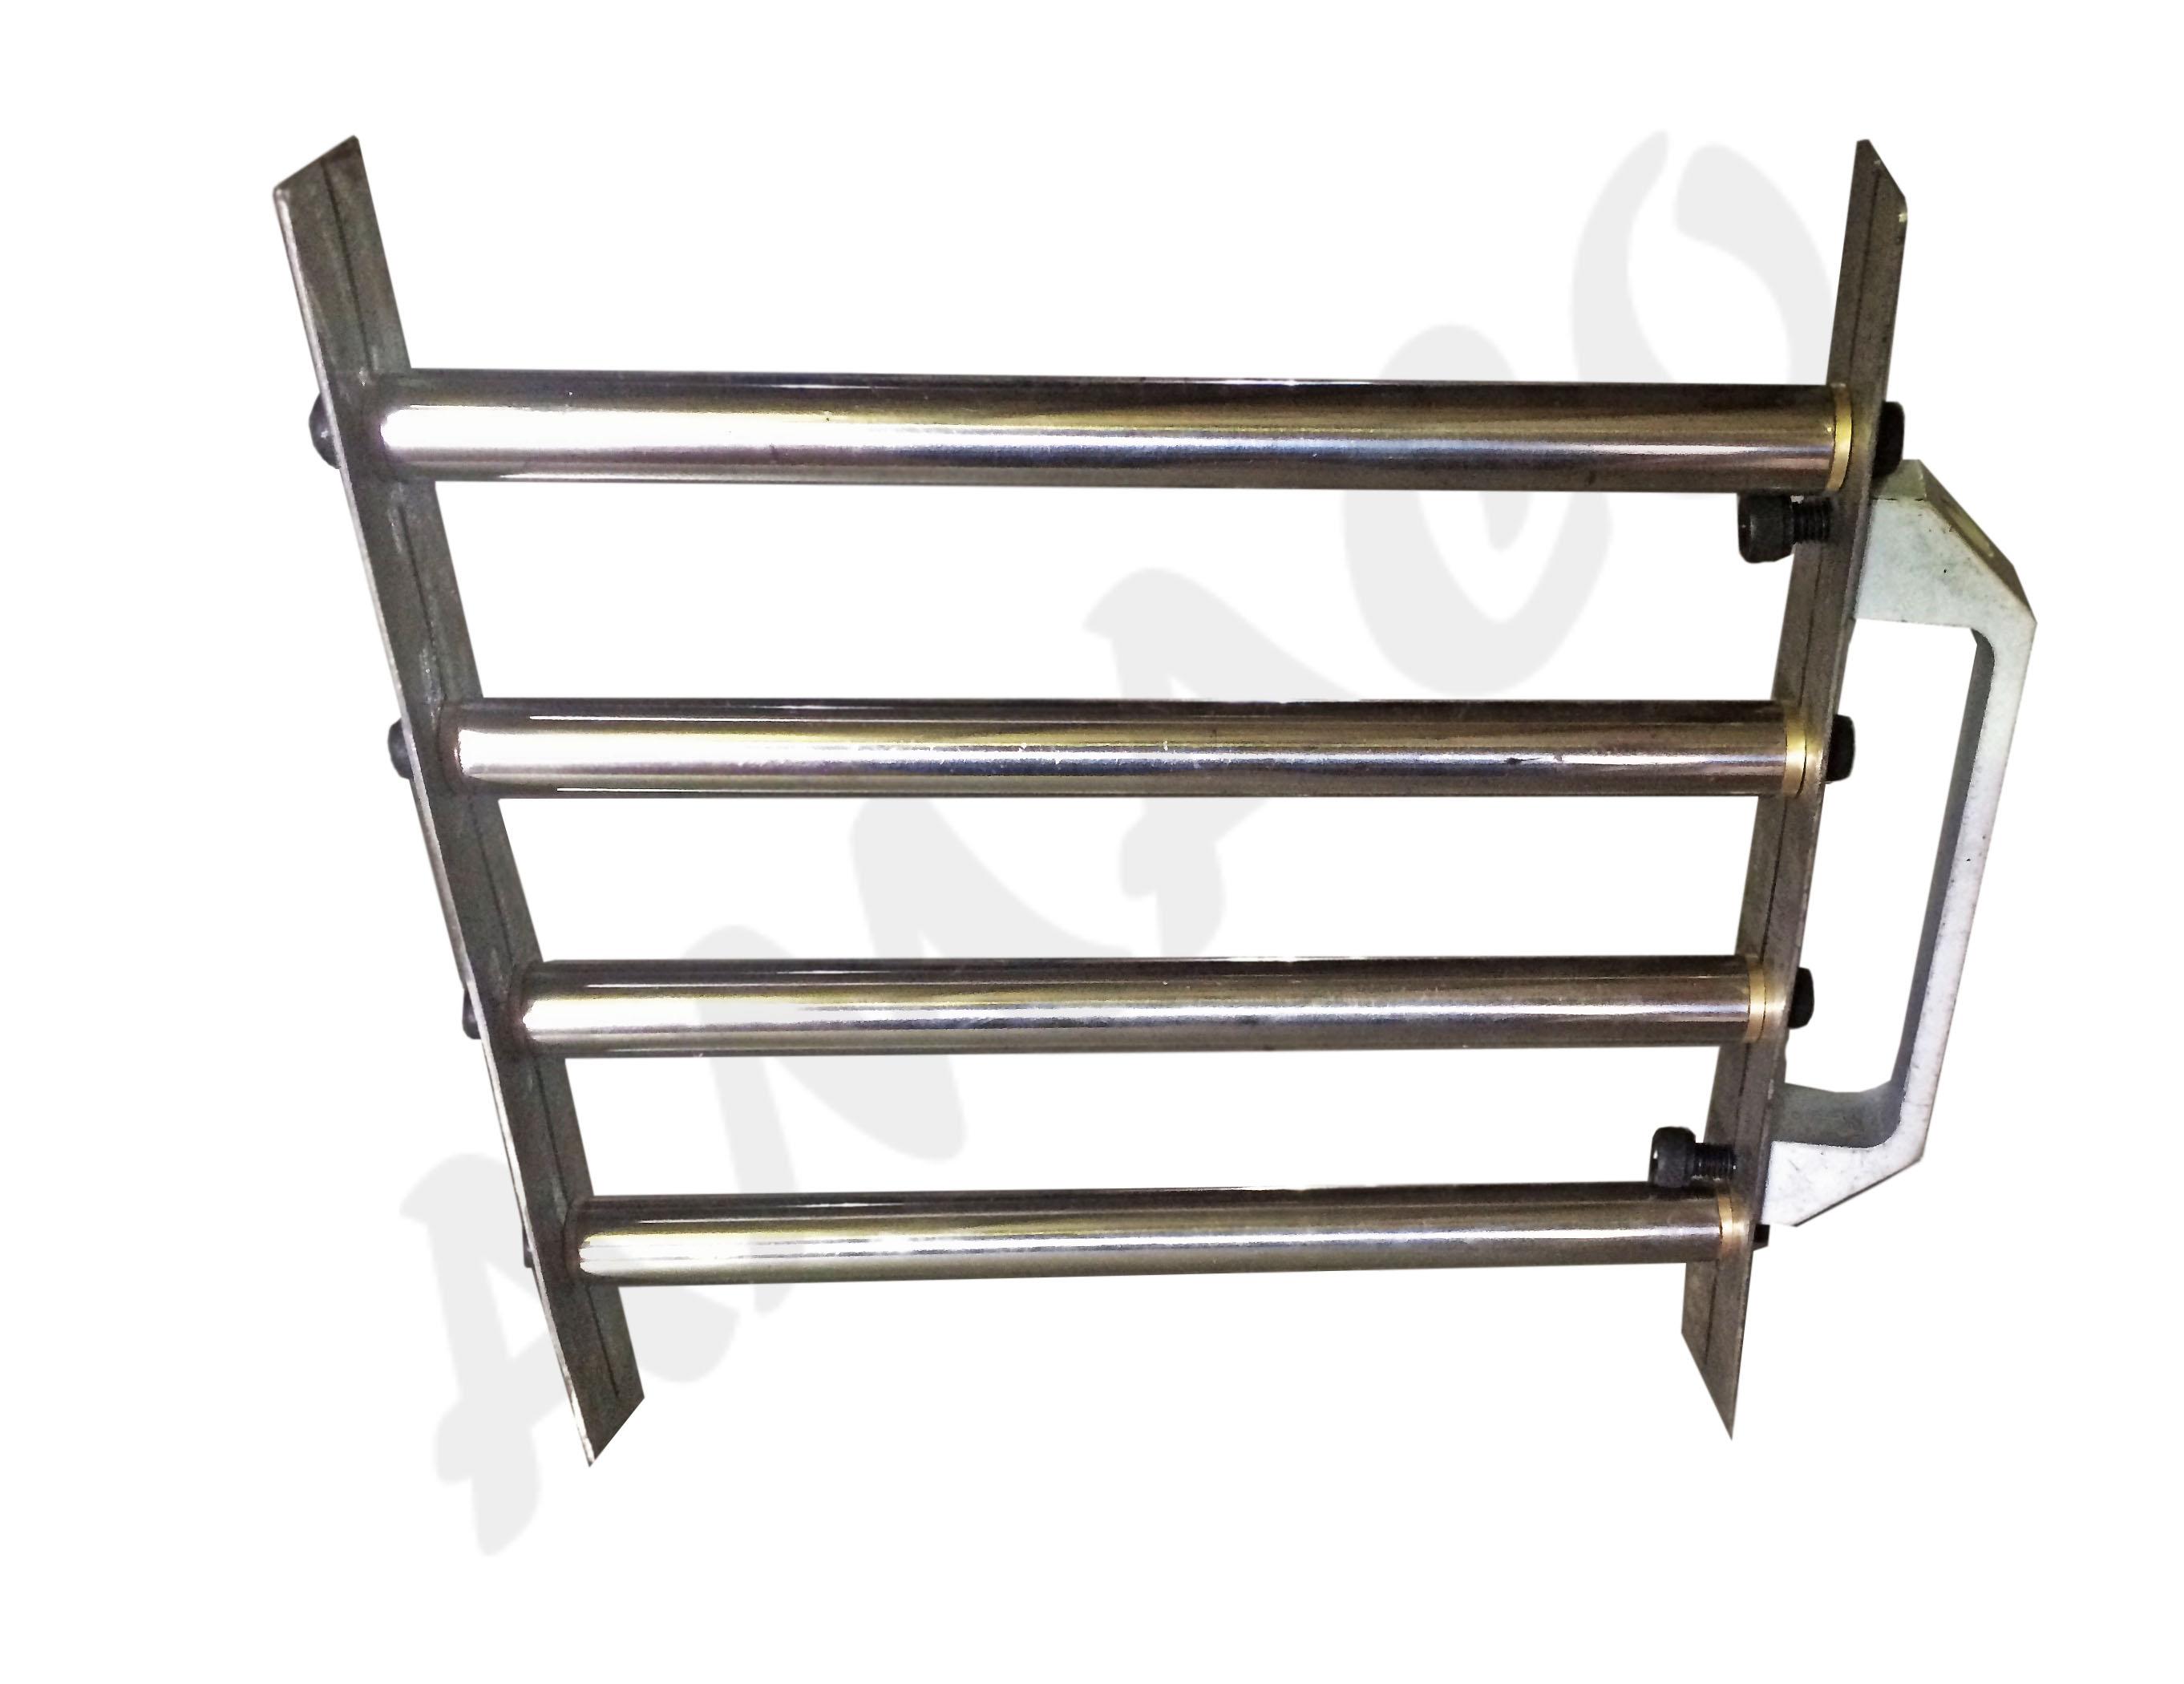 پنجره مغناطیسی | پنجره صنعتی | فروش انواع پنجره آهنربایی | آماکو